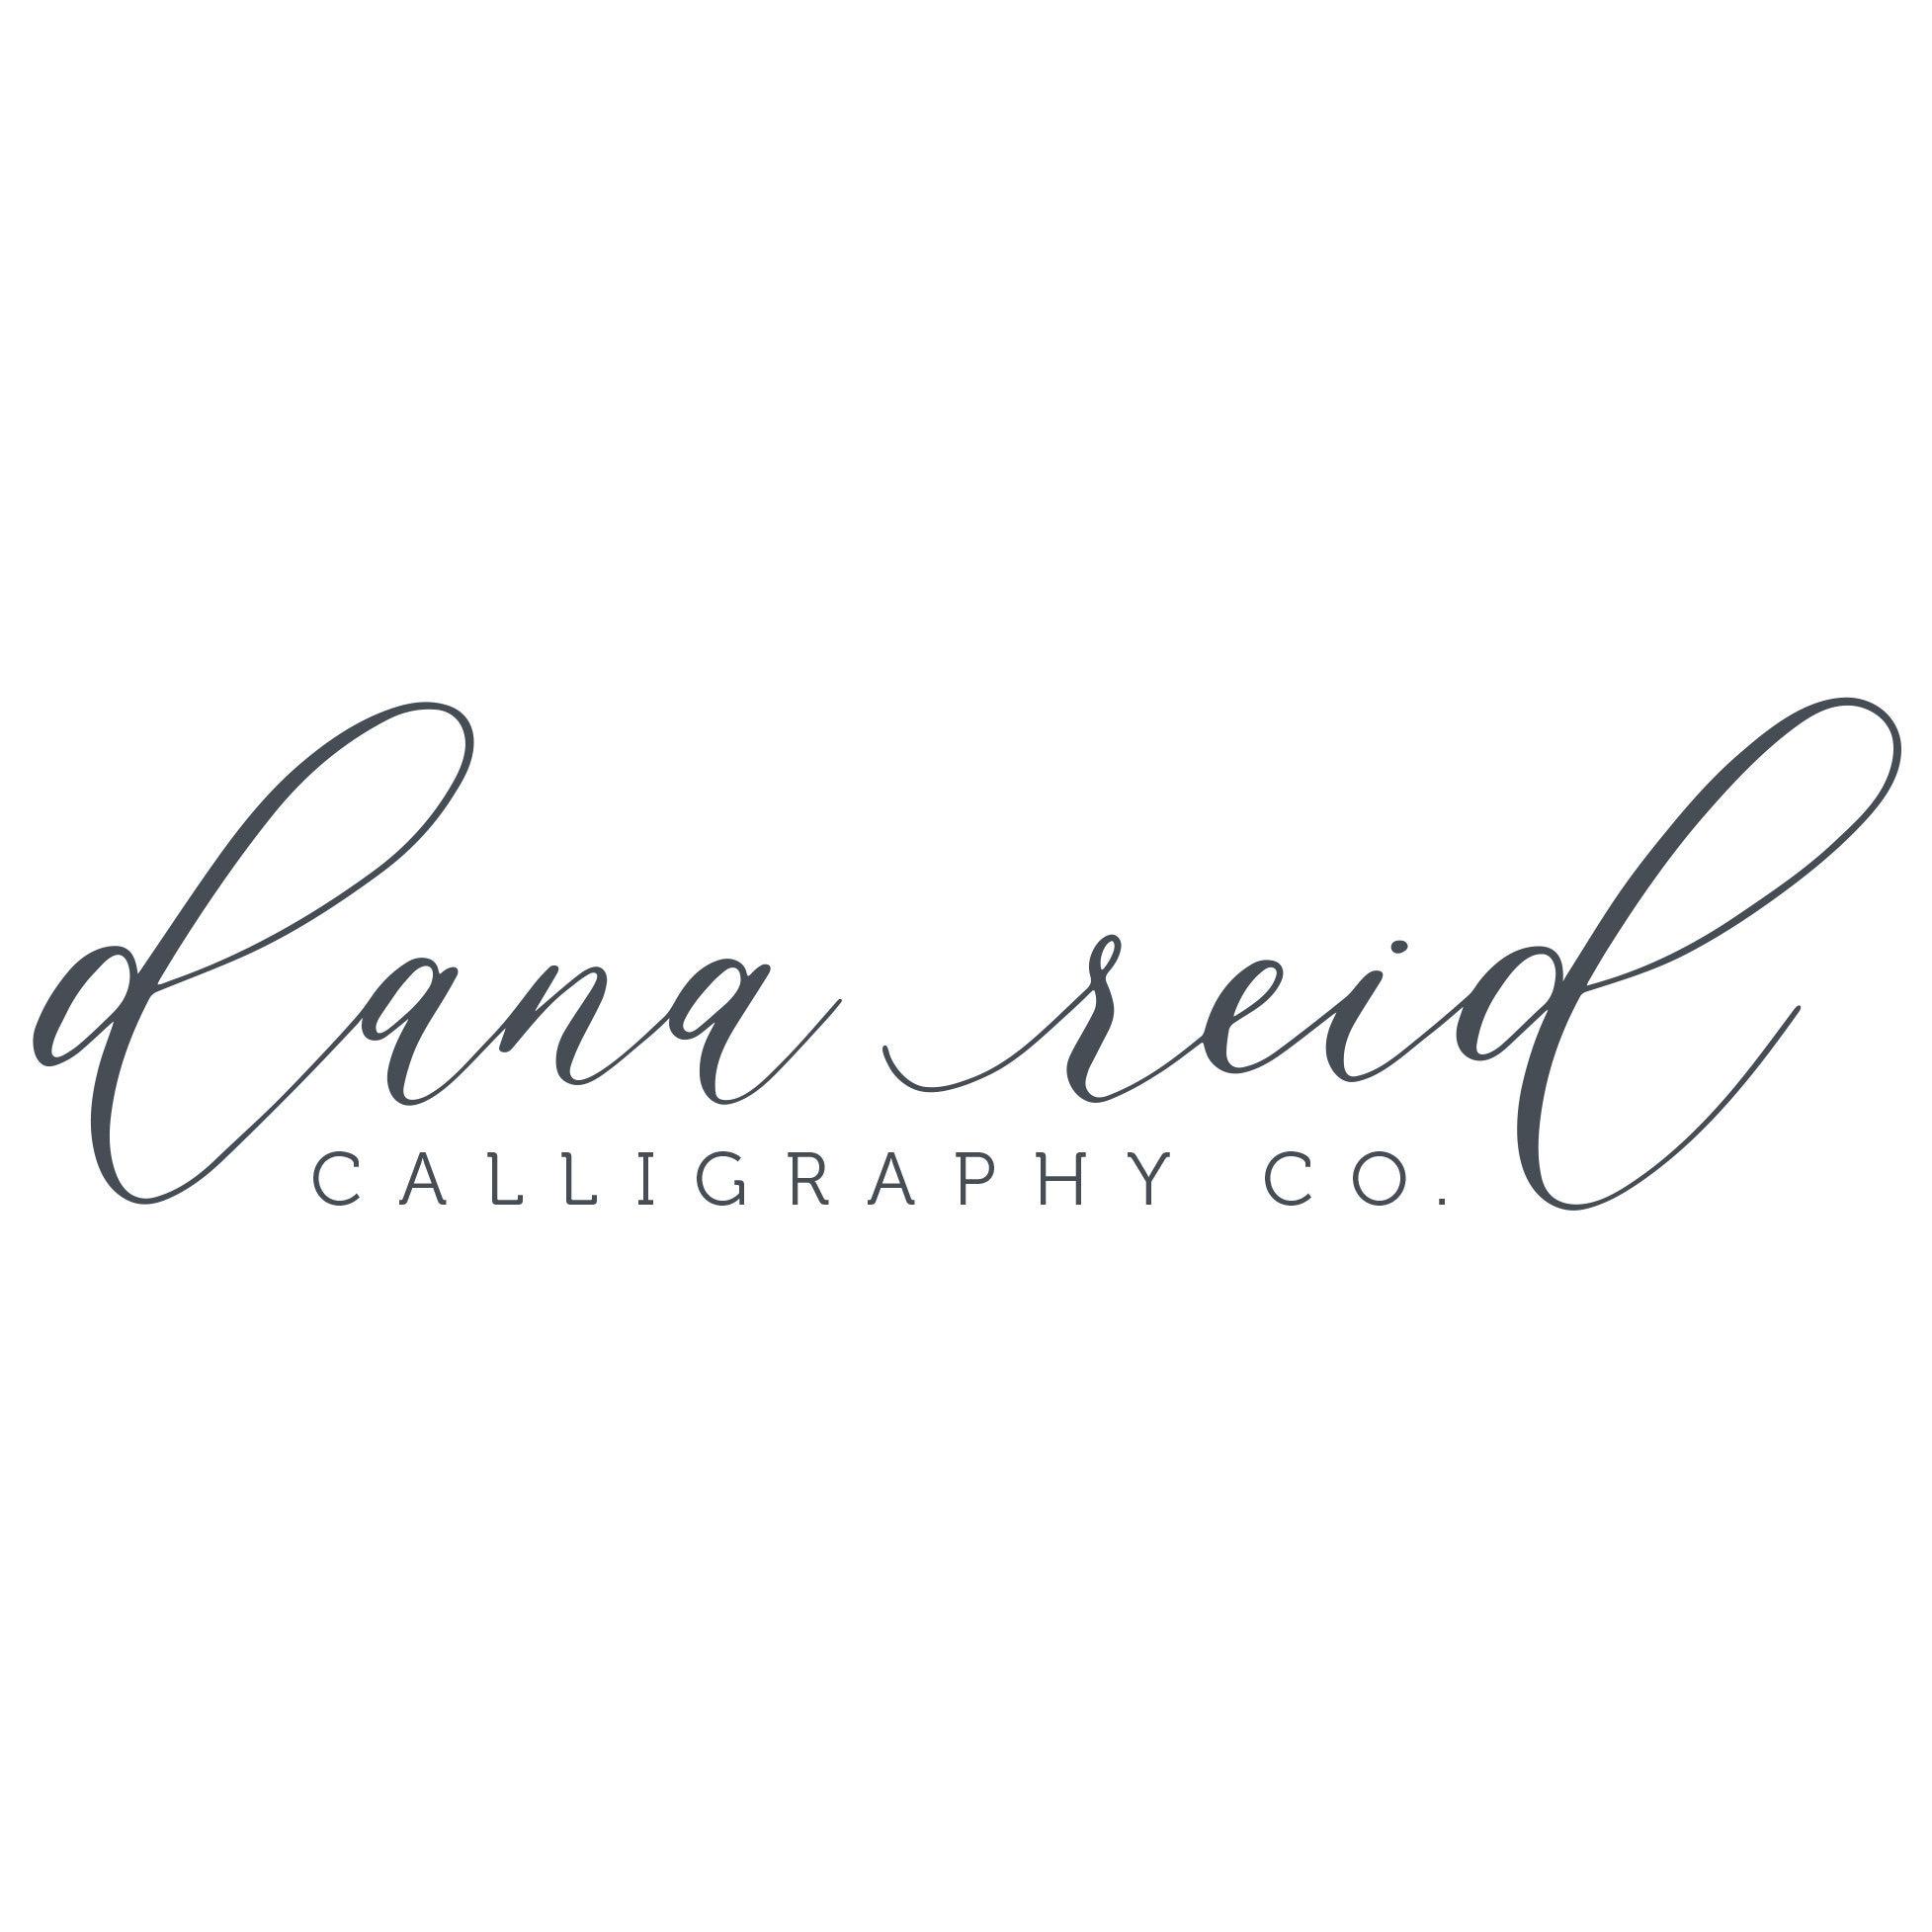 DanaReidCalligraphy